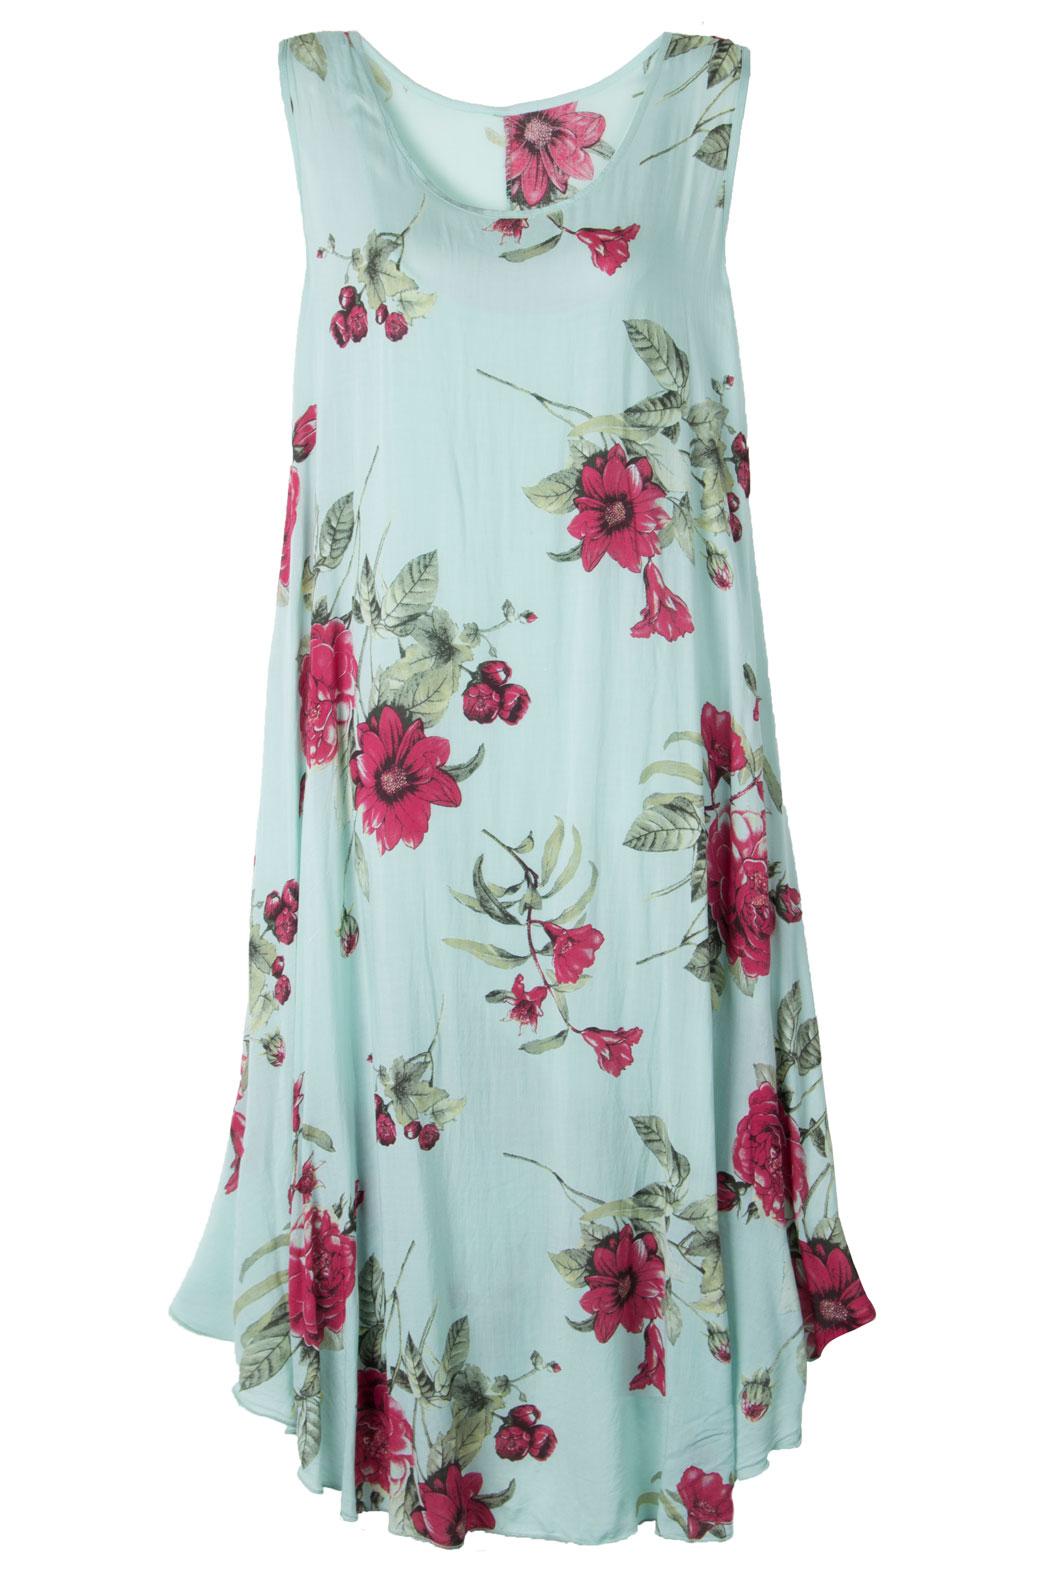 Leichtes Sommerkleid für Damen Maxi-Kleid Viskose Viele ...